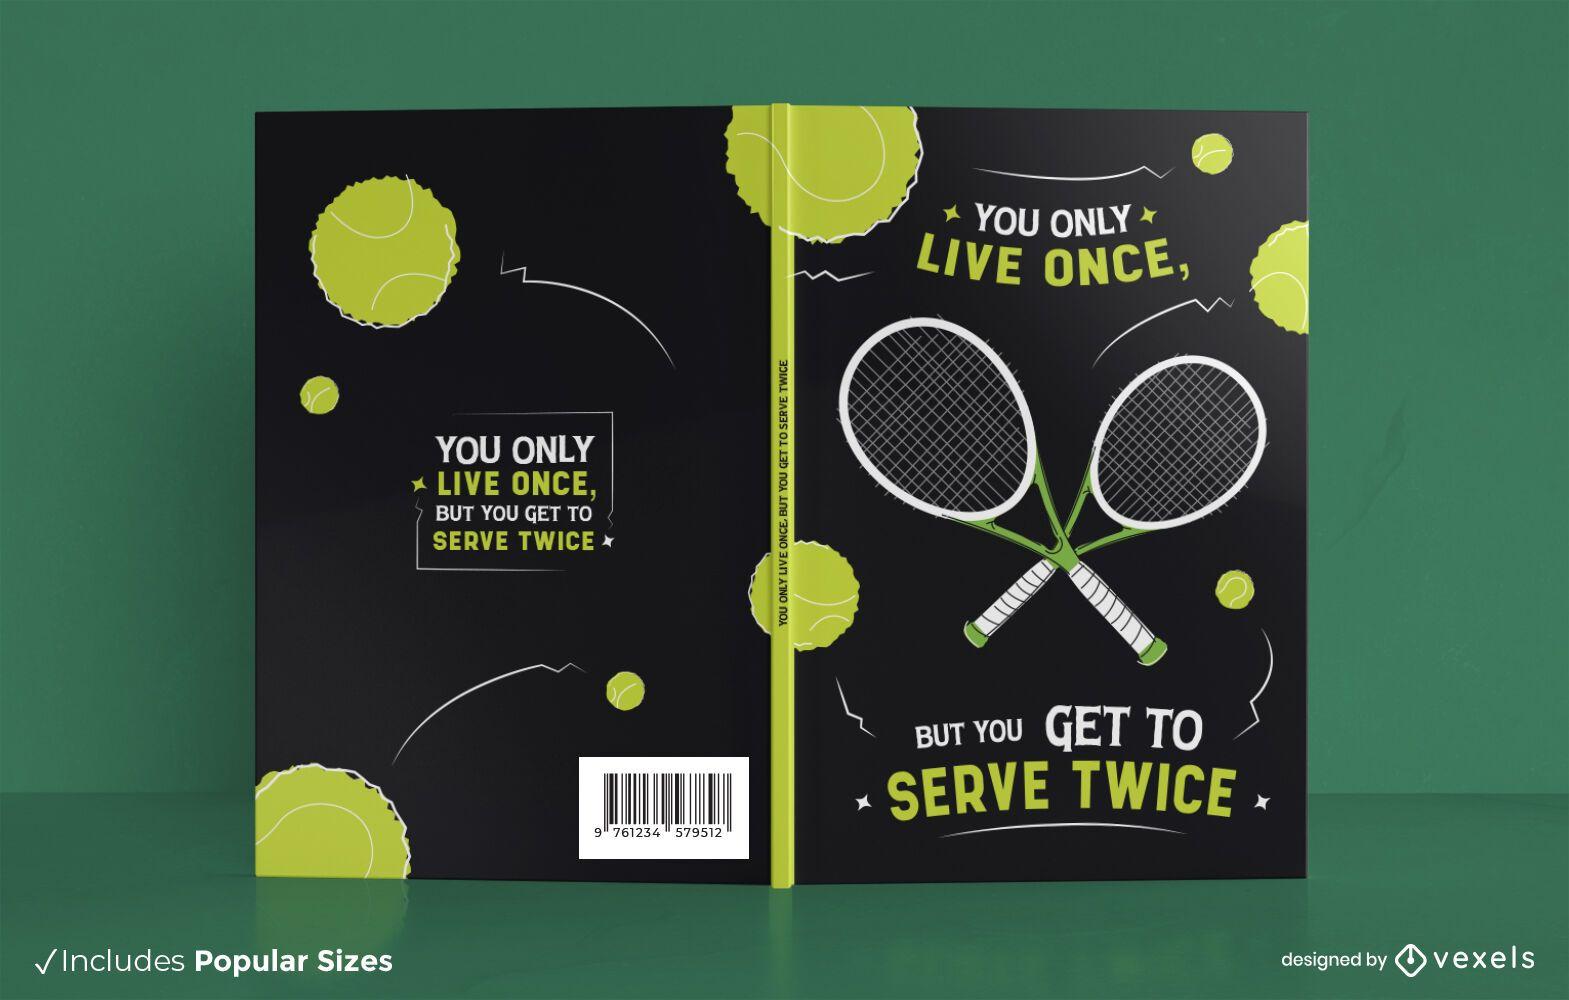 Dise?o de portada de libro de cita de tenis divertido